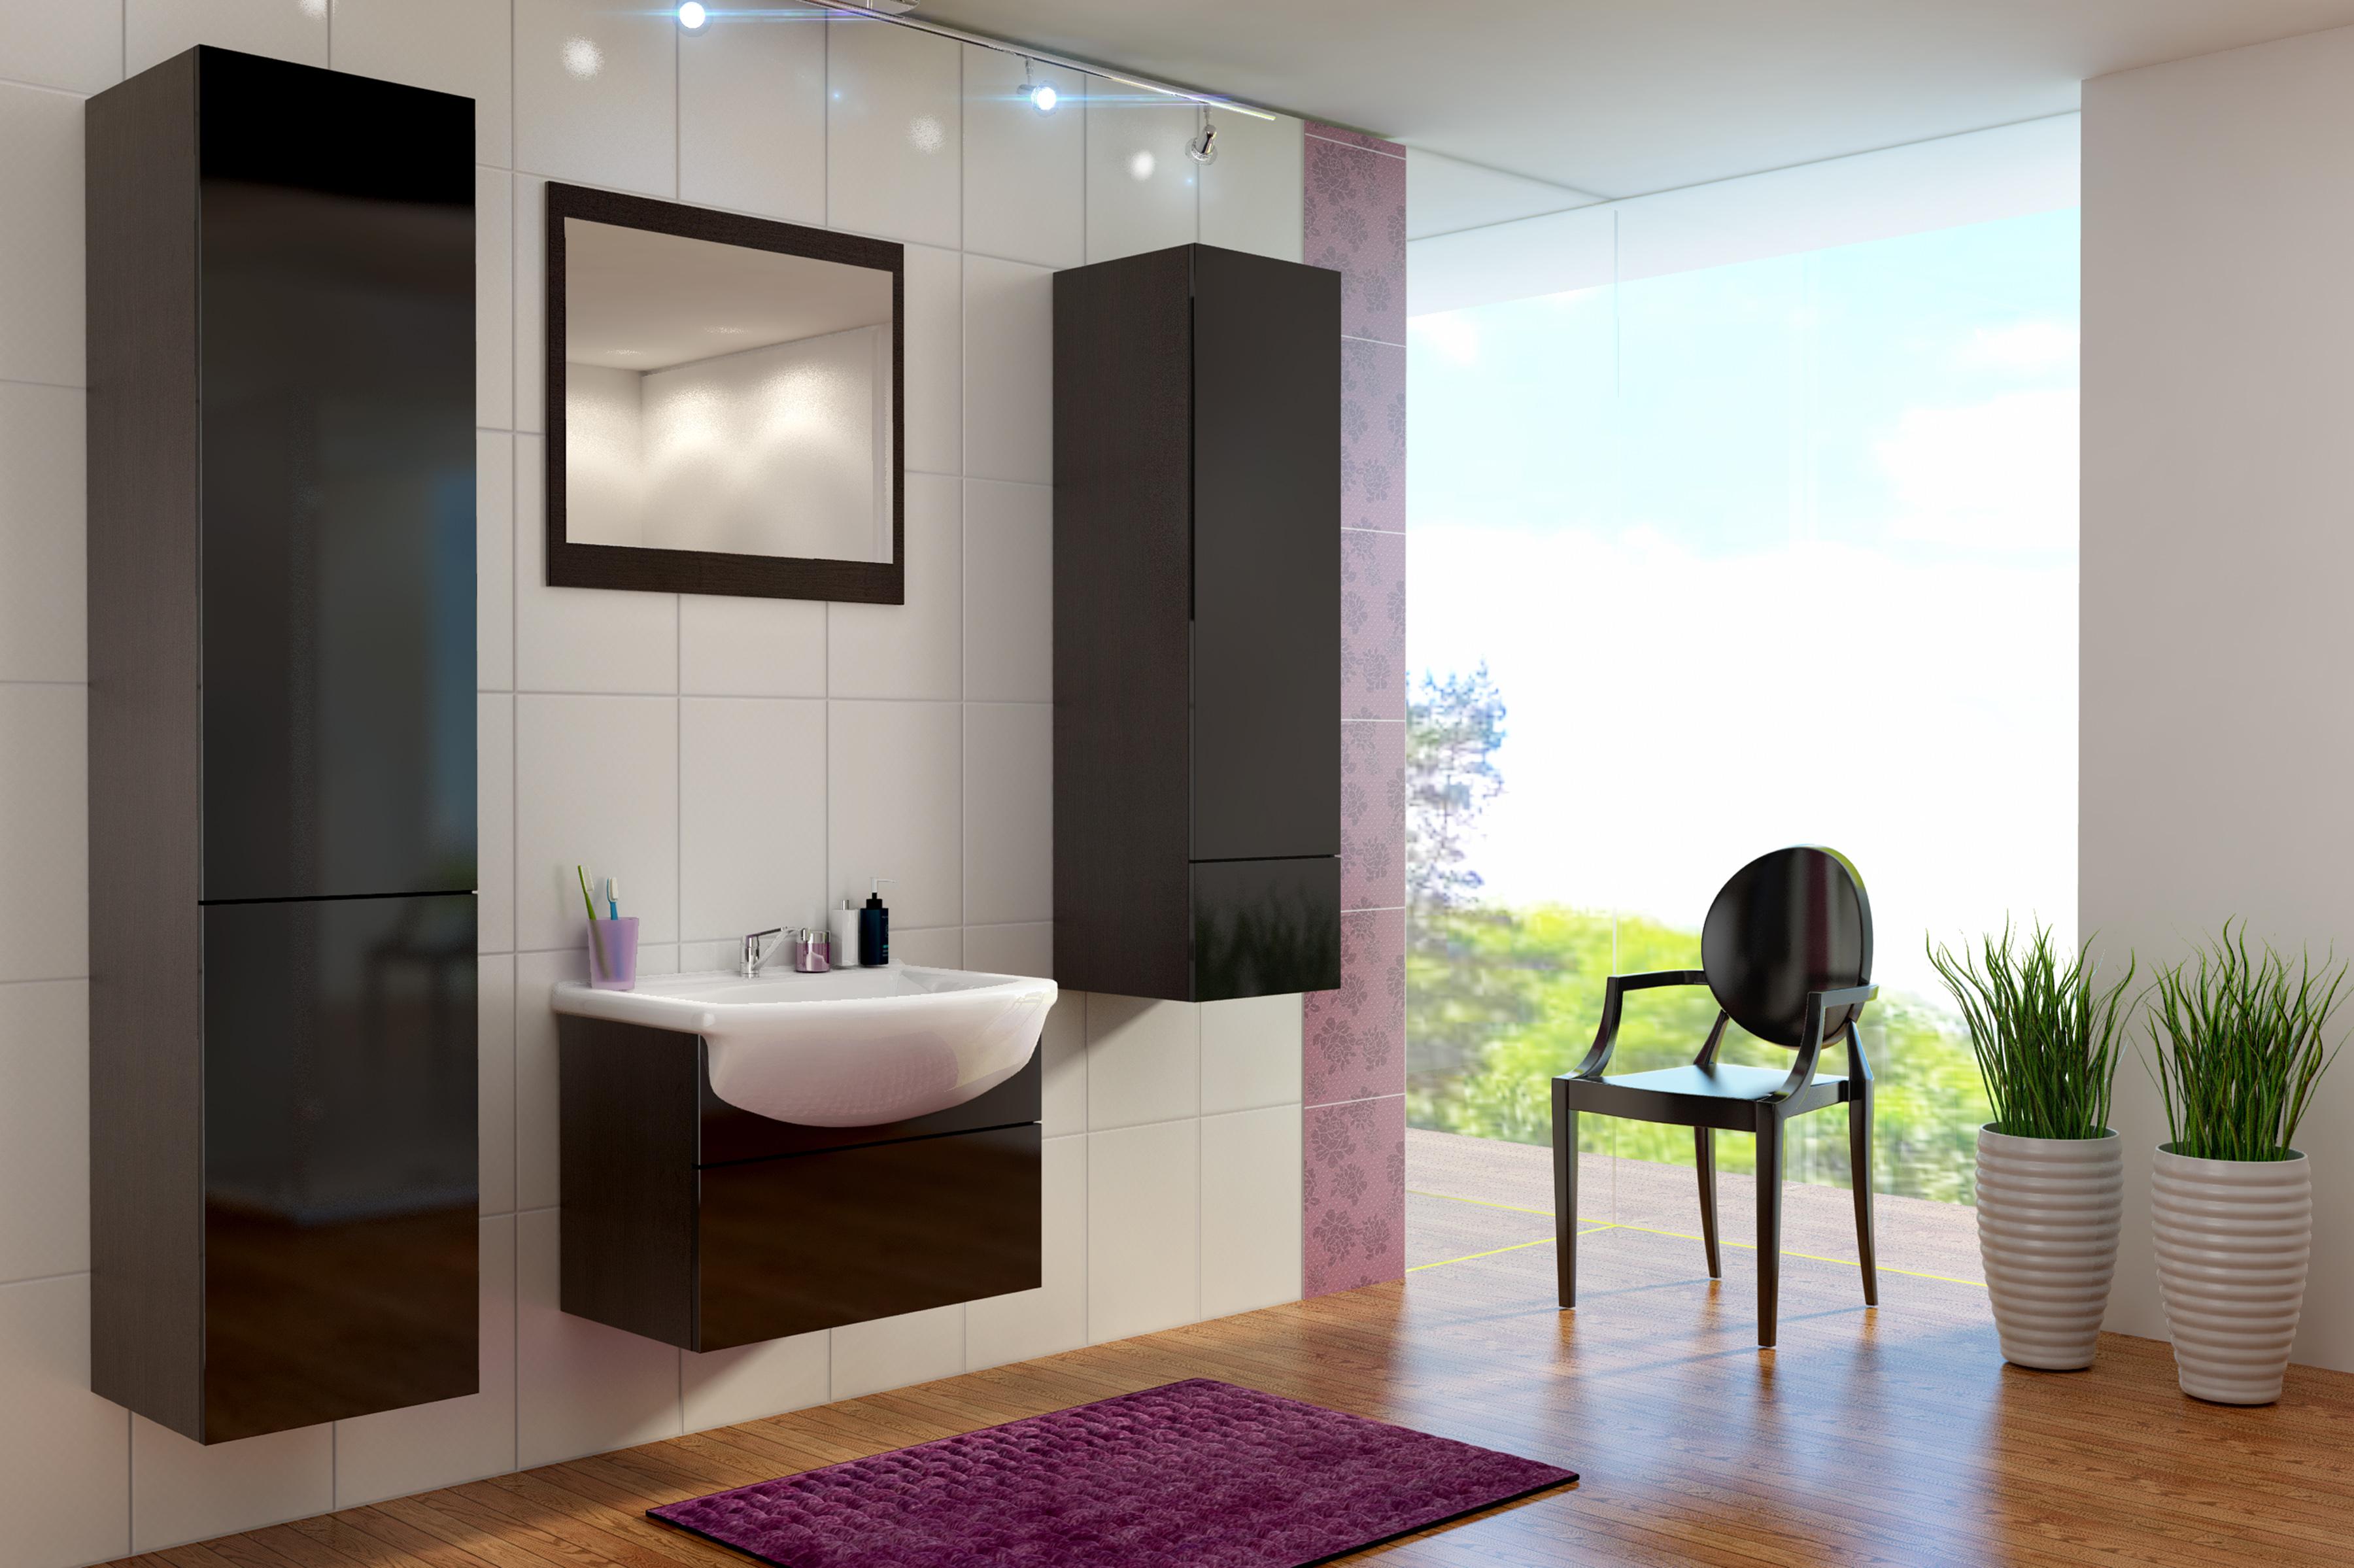 bad badm bel badezimmer badezubeh r sofort lieferbar in der schweiz. Black Bedroom Furniture Sets. Home Design Ideas